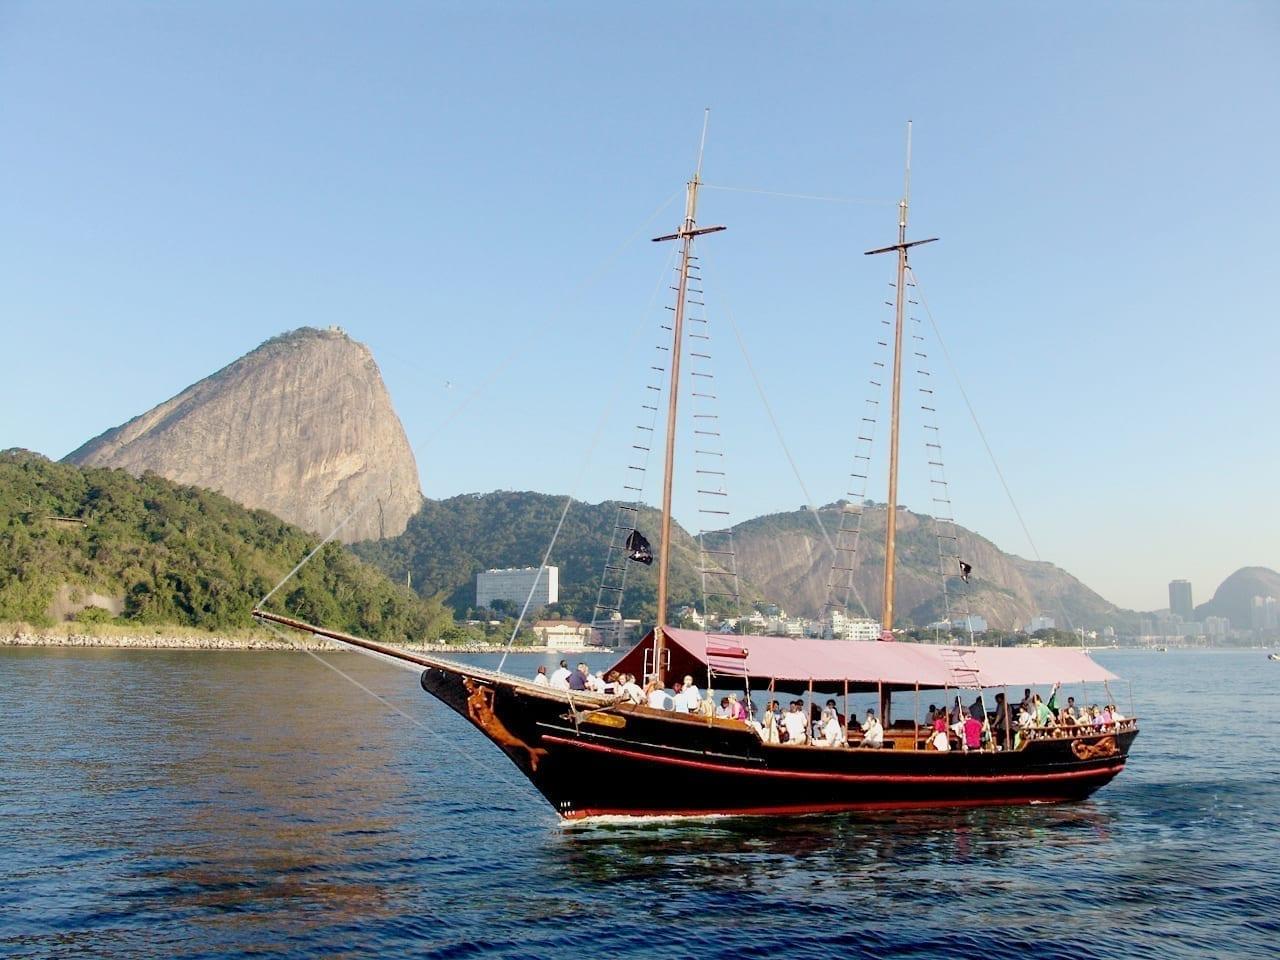 Boat tour in Rio de Janeiro.